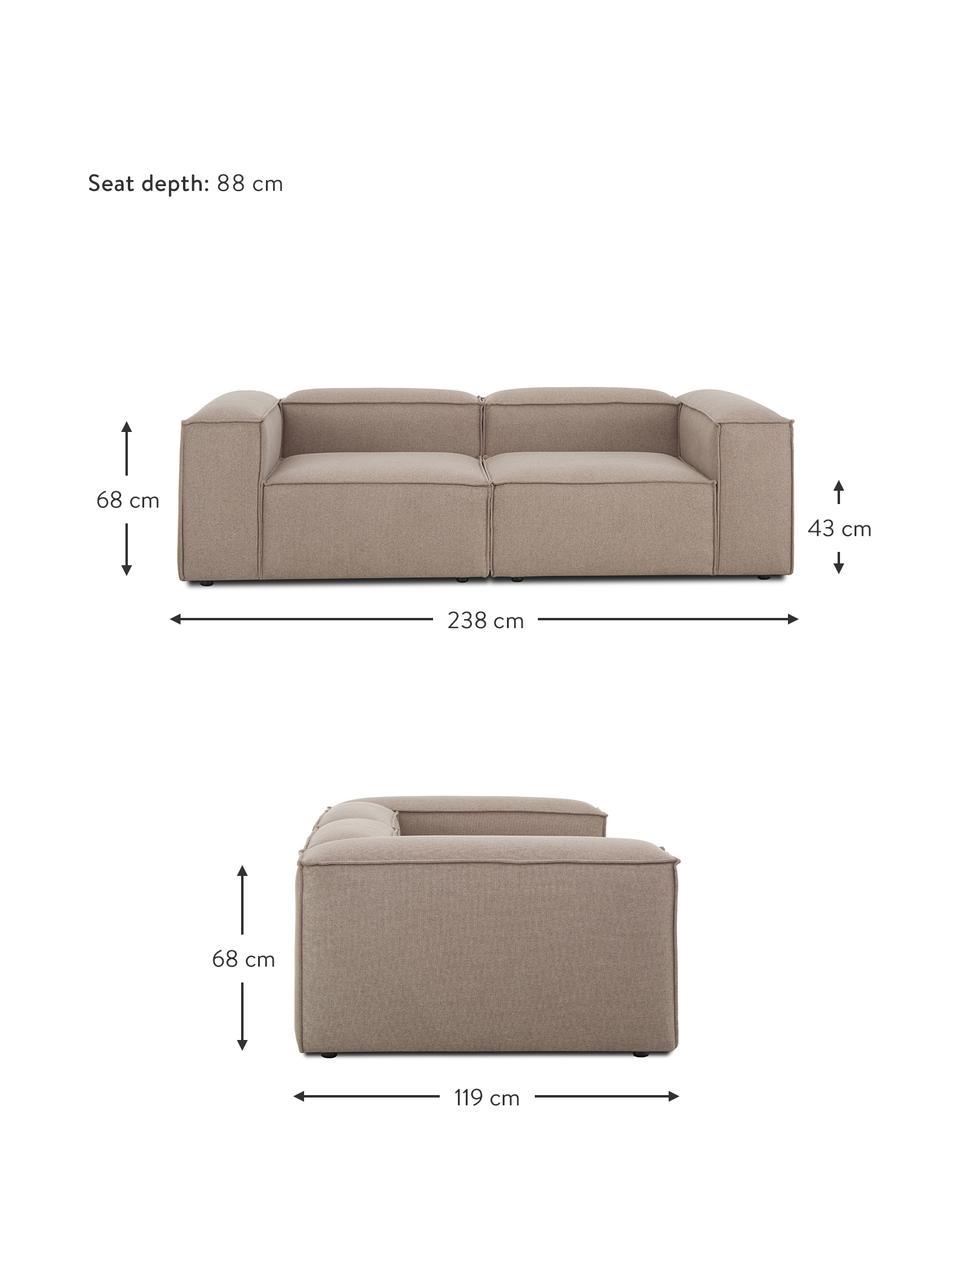 Modulares Sofa Lennon (3-Sitzer) in Braun, Bezug: 100% Polyester Der strapa, Gestell: Massives Kiefernholz, Spe, Füße: Kunststoff Die Füße befin, Webstoff Braun, B 238 x T 119 cm